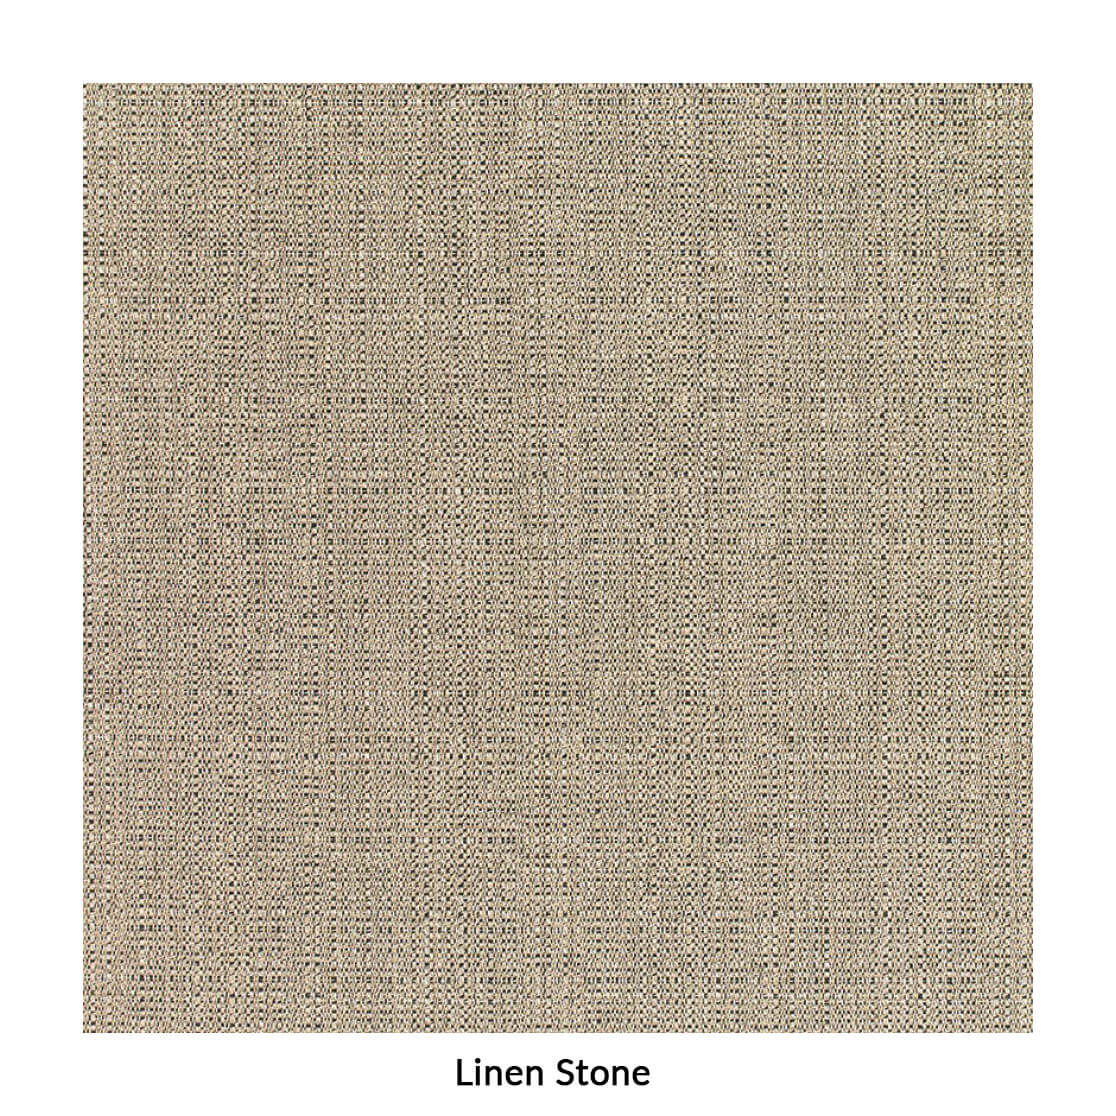 linen-stone.jpg